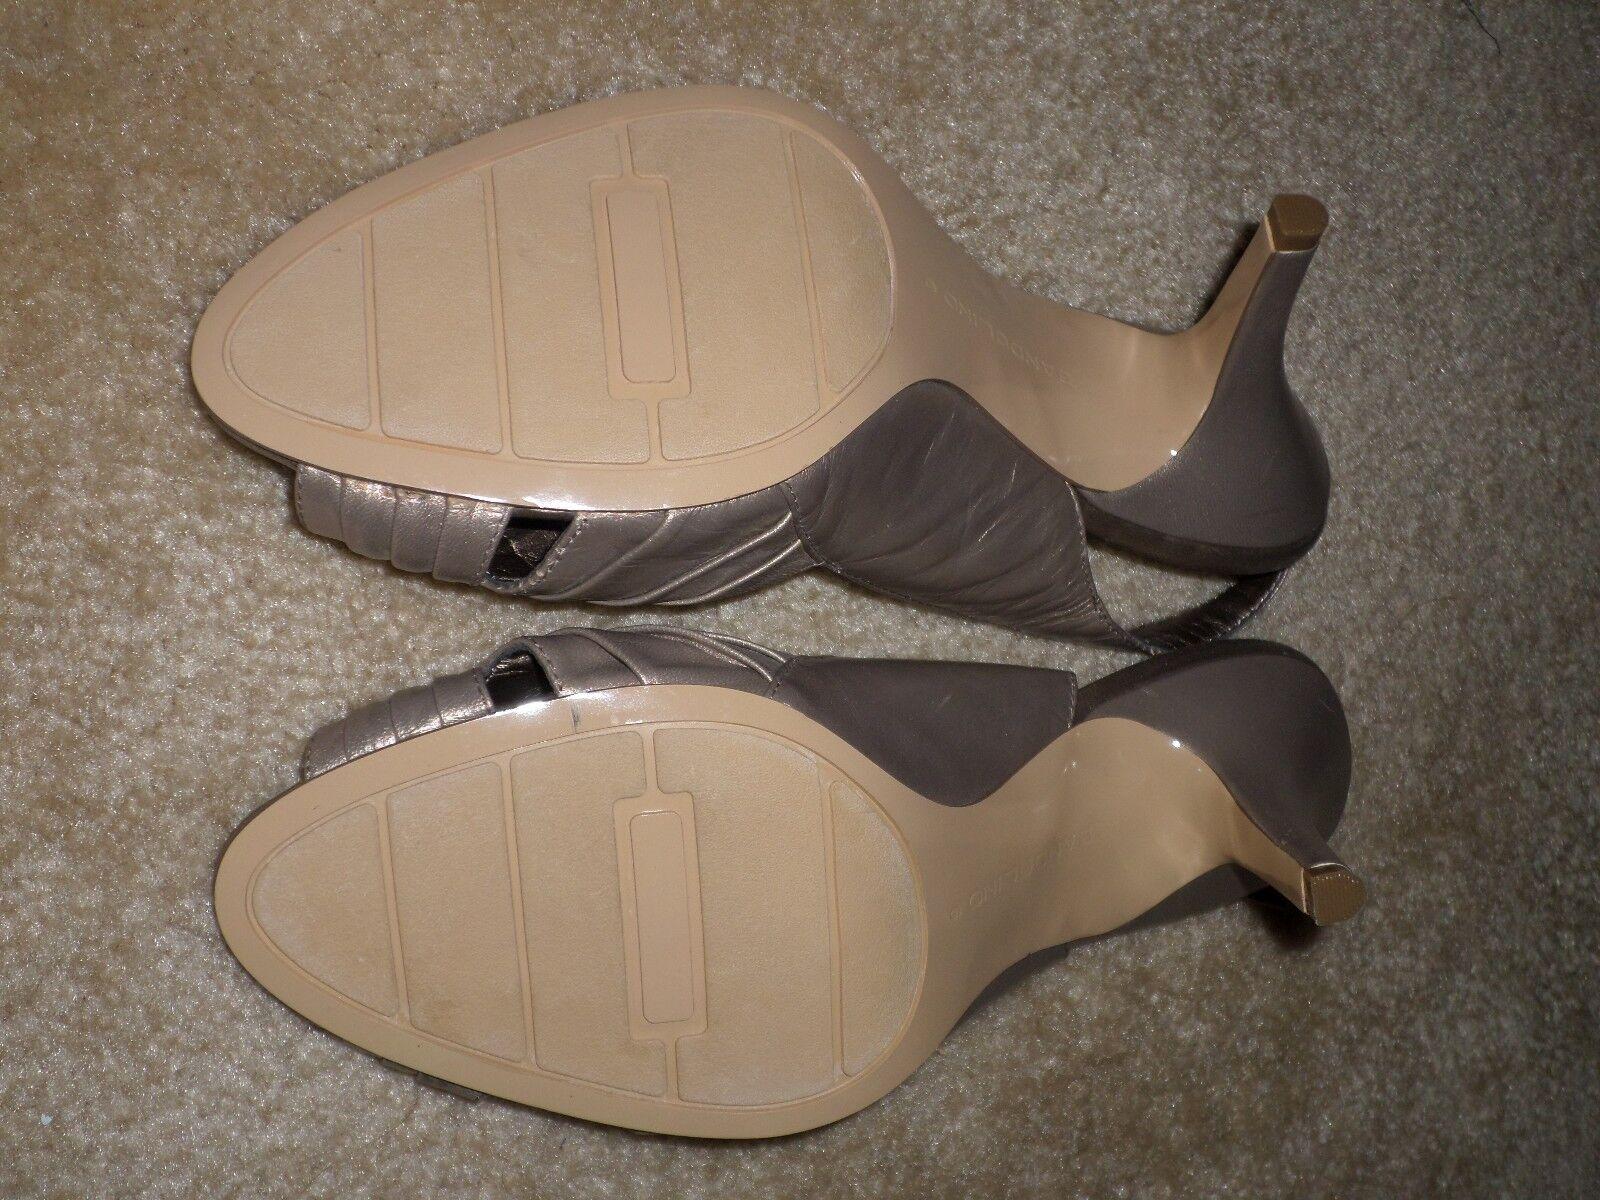 Bandolino champagne/metallic Leder Größe open toe slingback heels- Größe Leder 9M schuhe 52a8ef